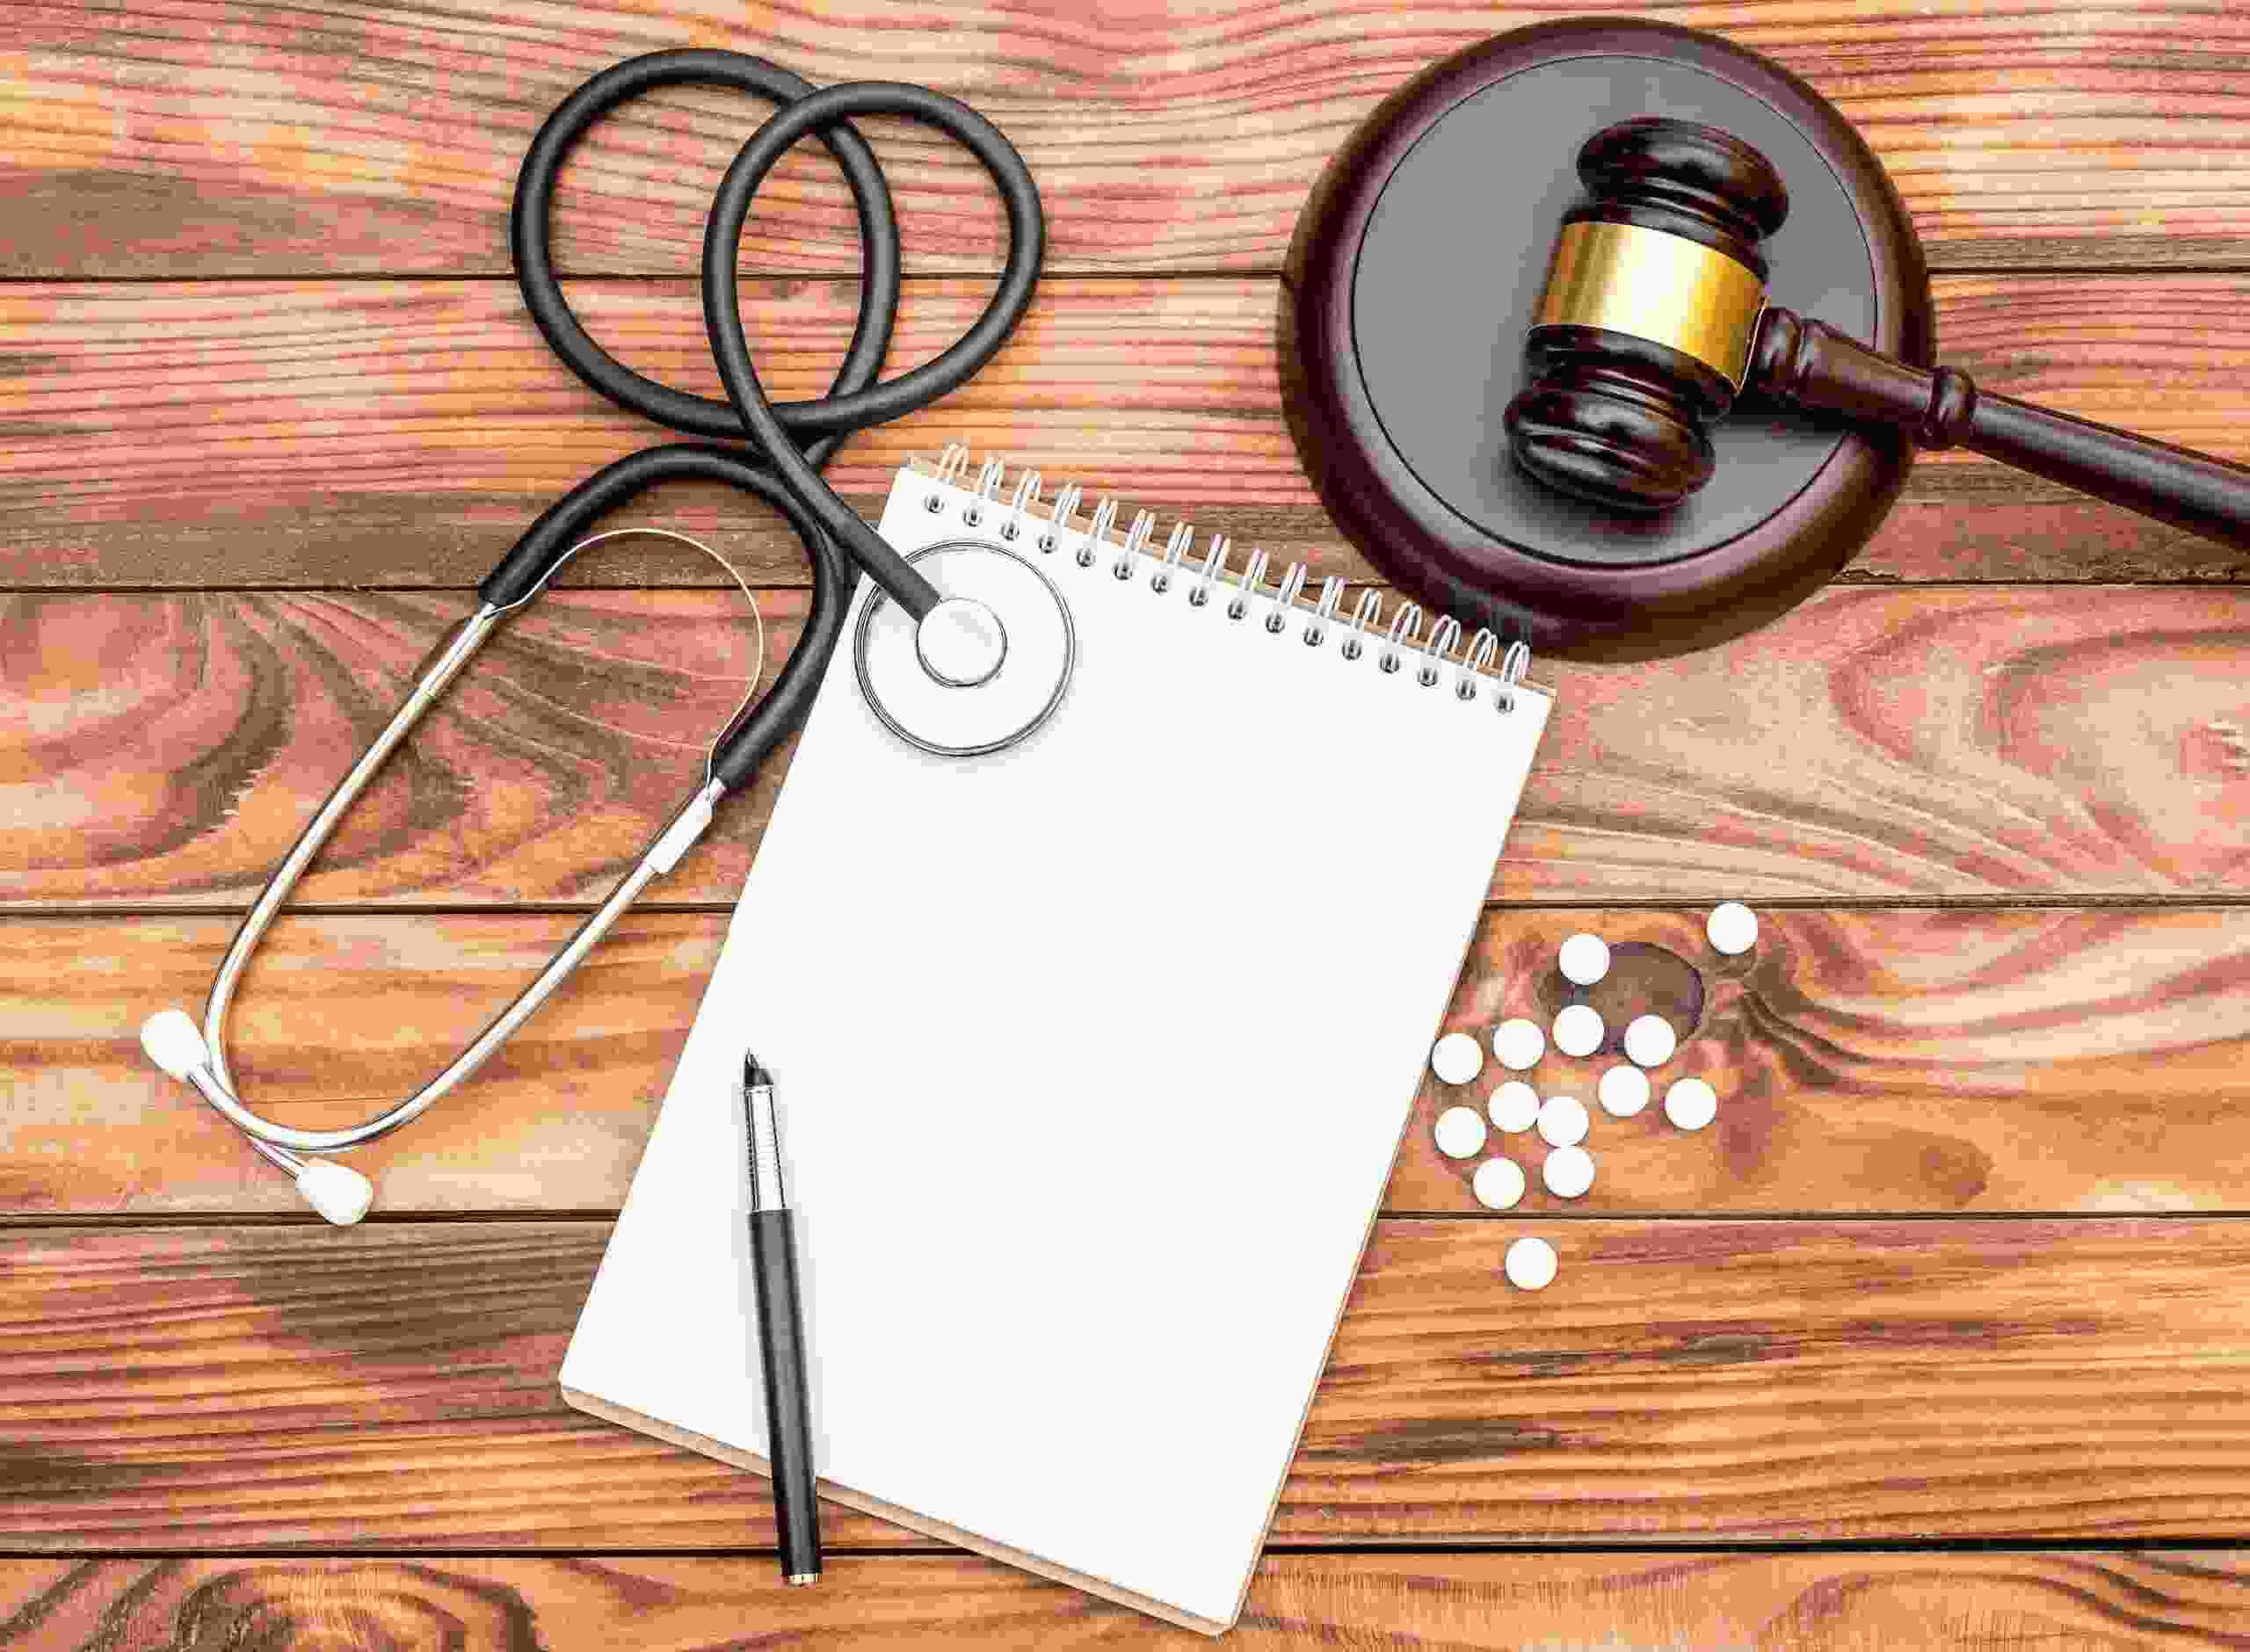 Gavel, medication, and stethoscope.